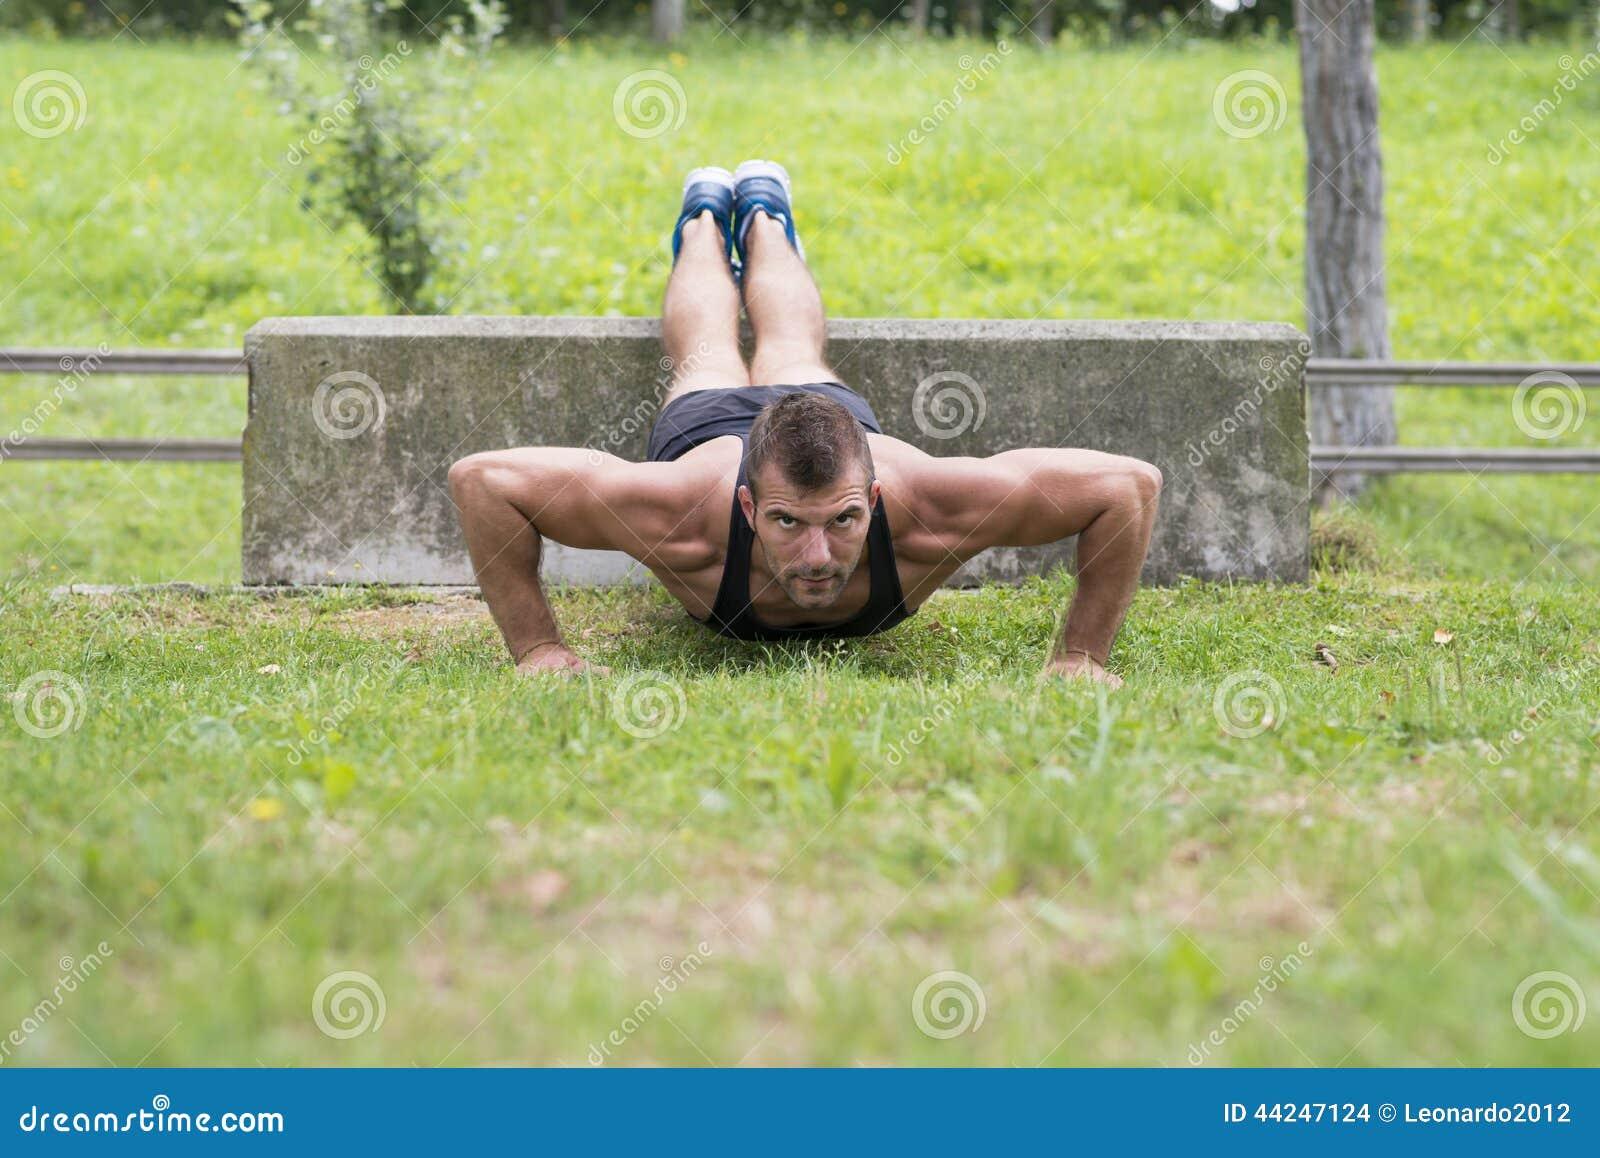 做俯卧撑的运动人,室外